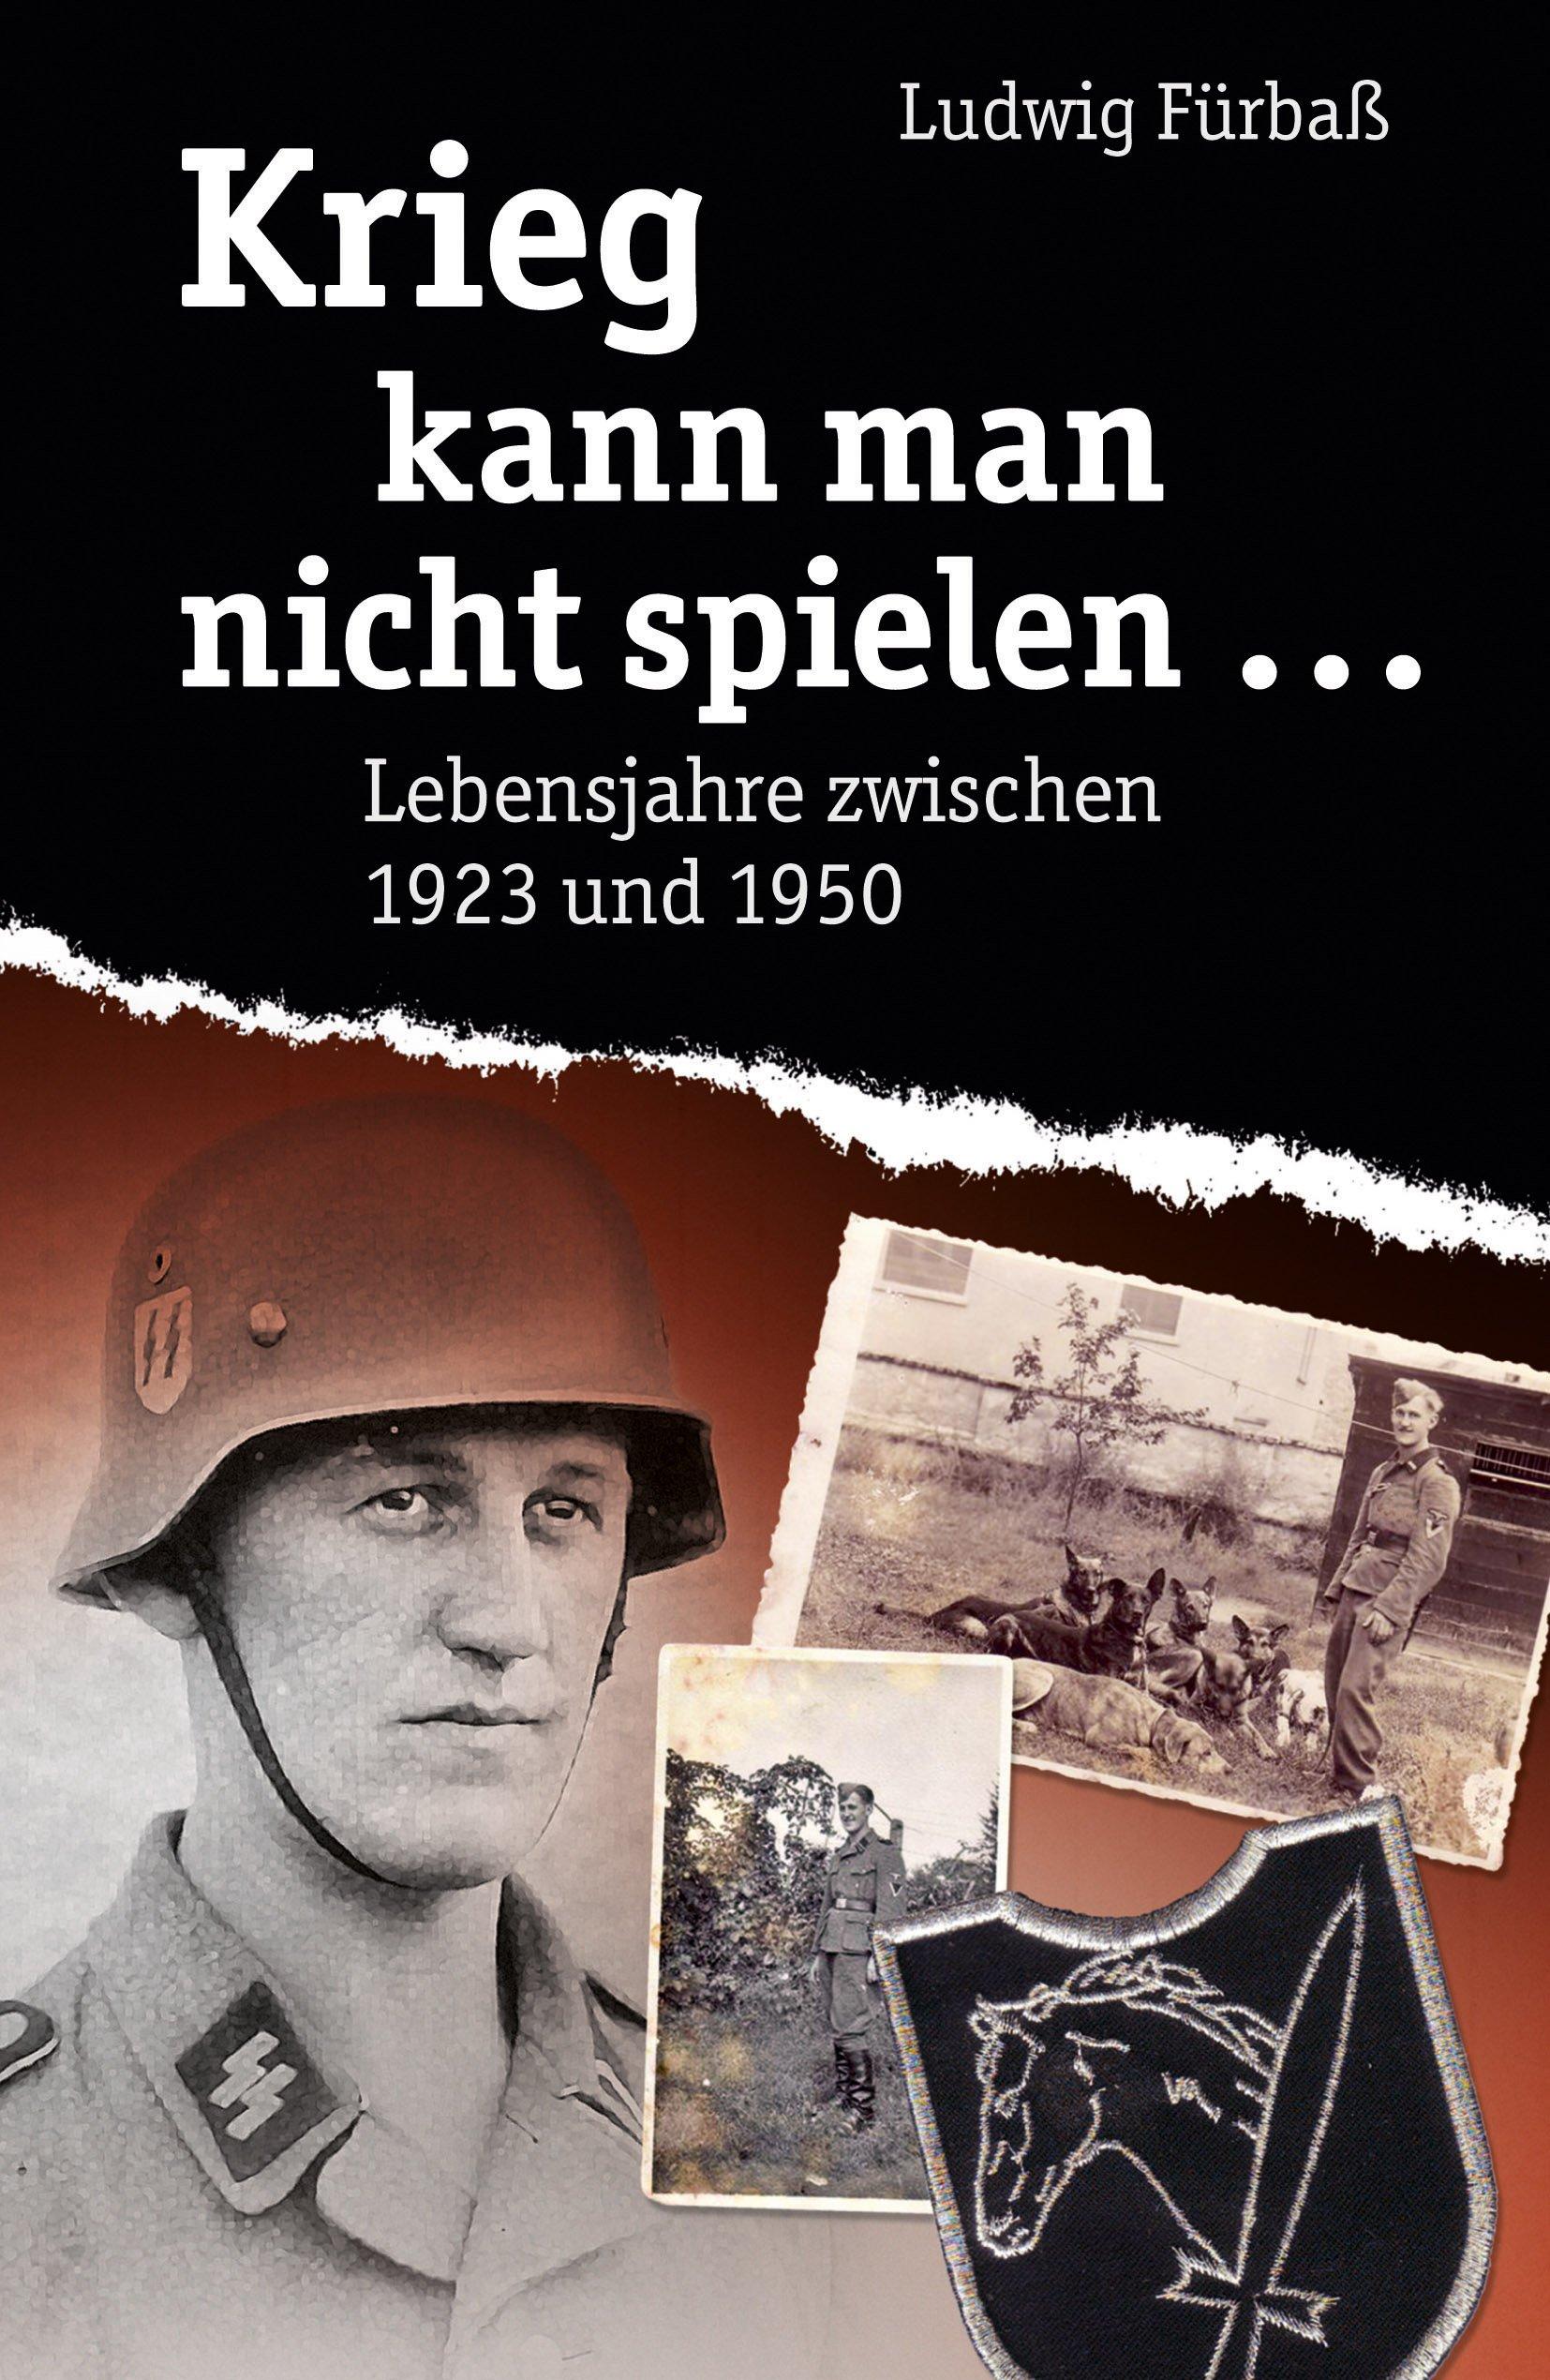 Krieg kann man nicht spielen: Lebensjahre zwischen 1923 und 1950